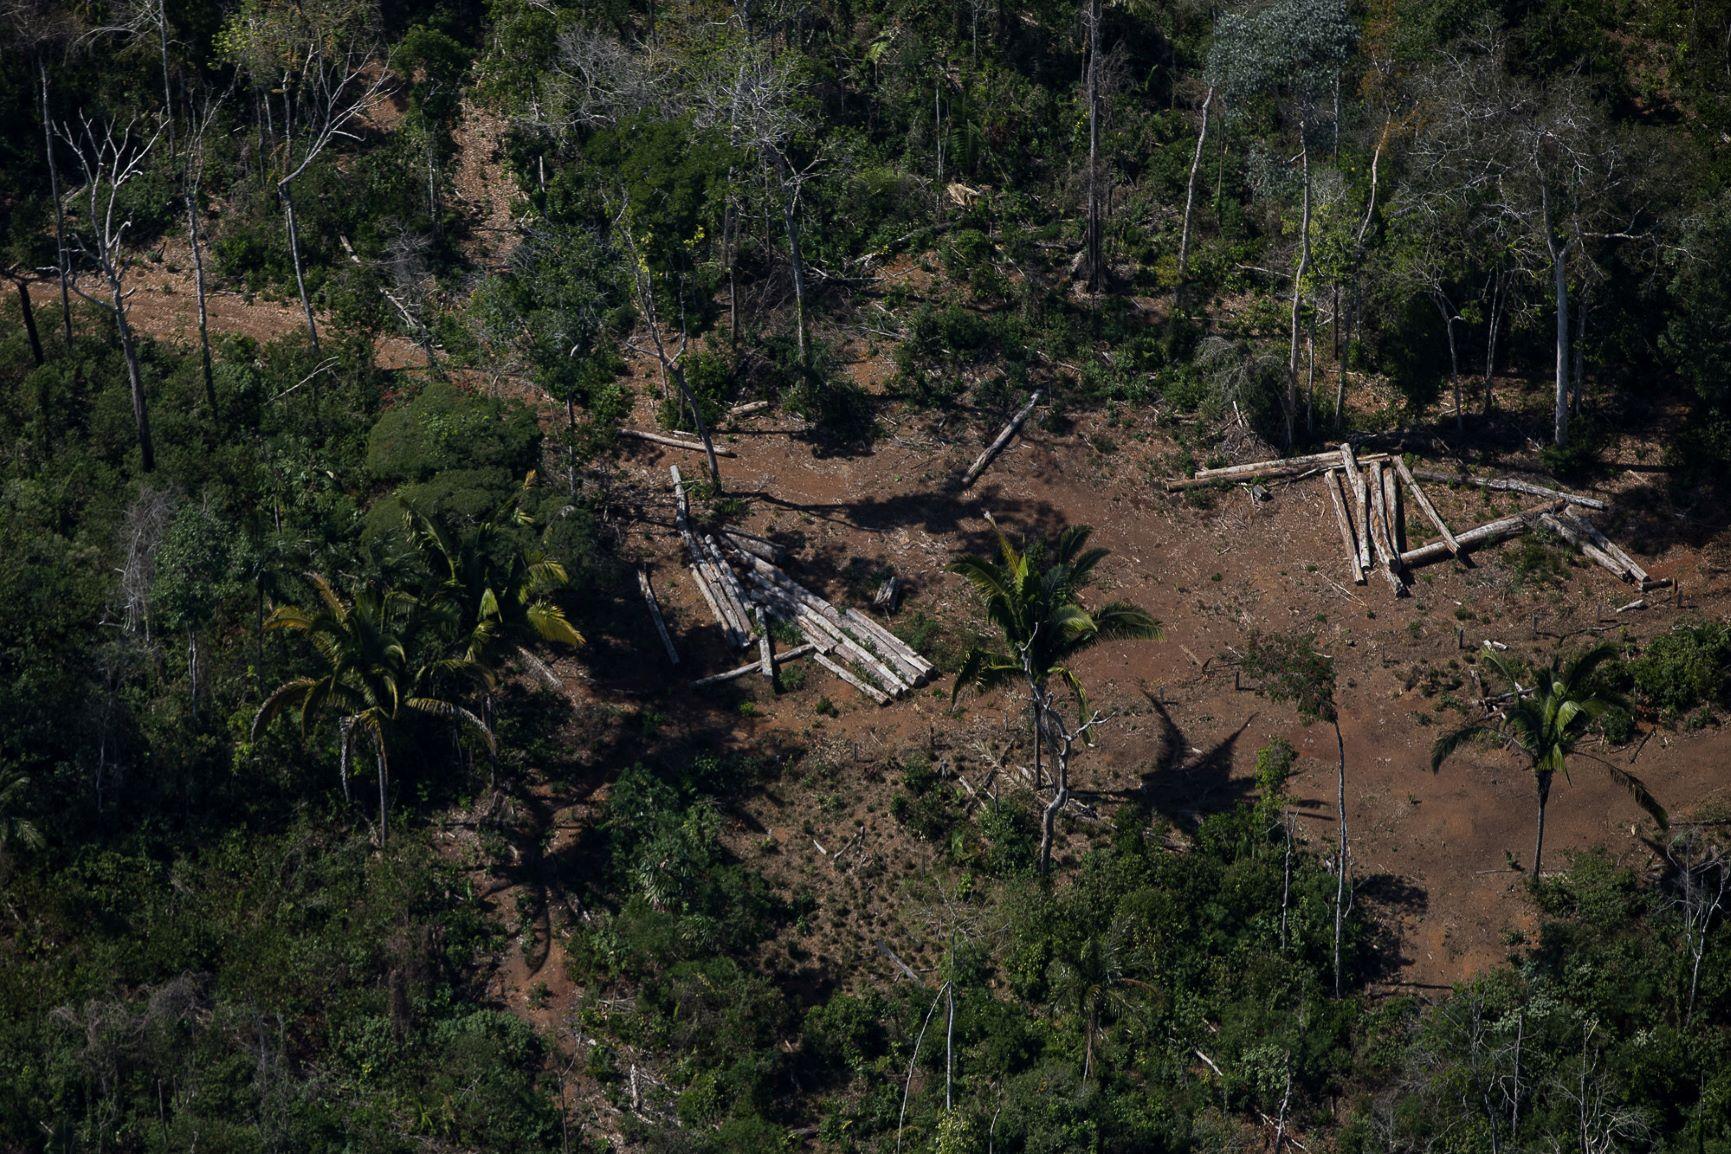 Área desmatada perto de unidade de conservação em Rondônia: legalização de ocupações ilegais (Foto: Bruno Kelly/Amazônia Real - 07/08/2020)